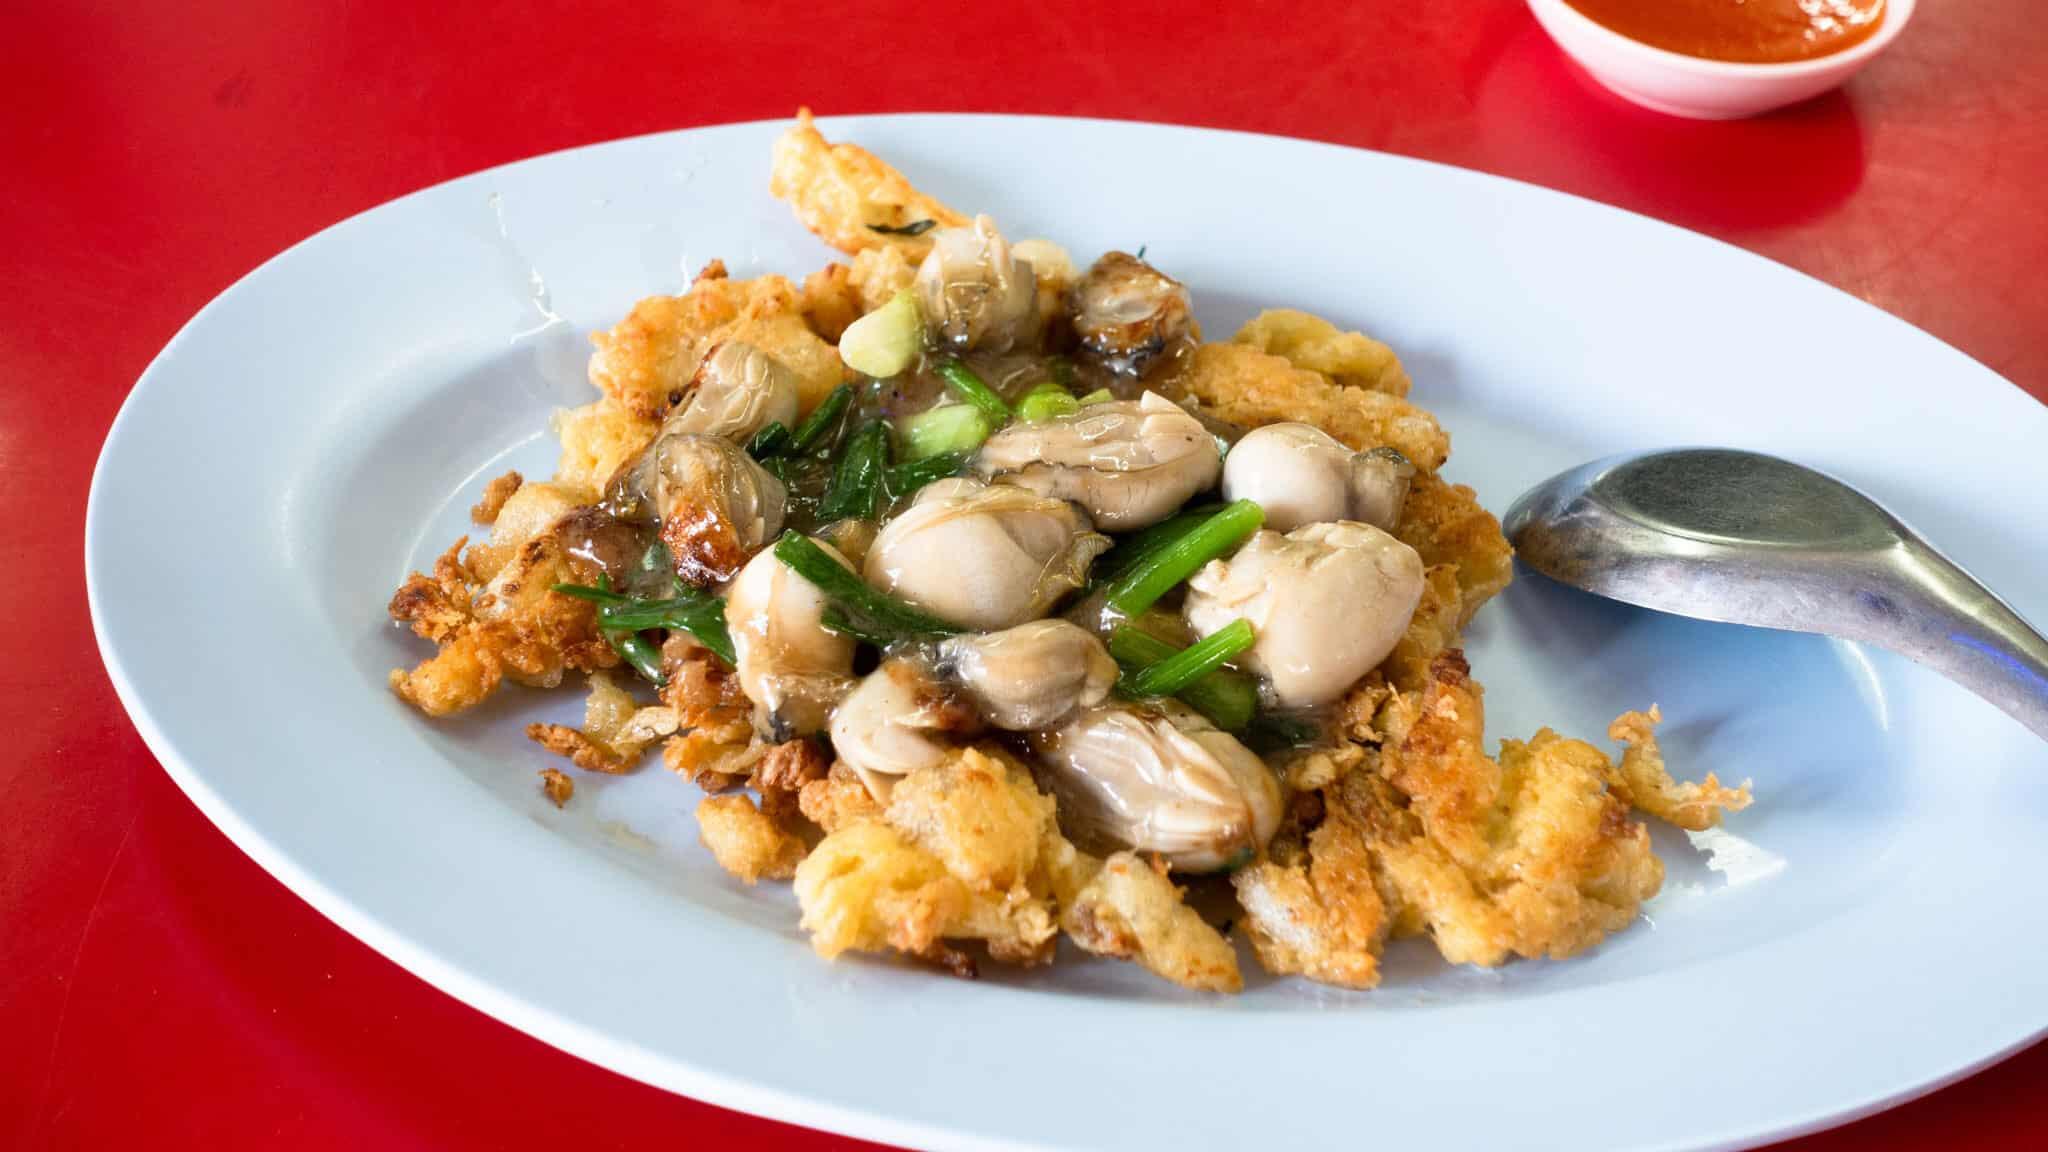 gambar makanan khas thailand Nai Mong Hoy Tod